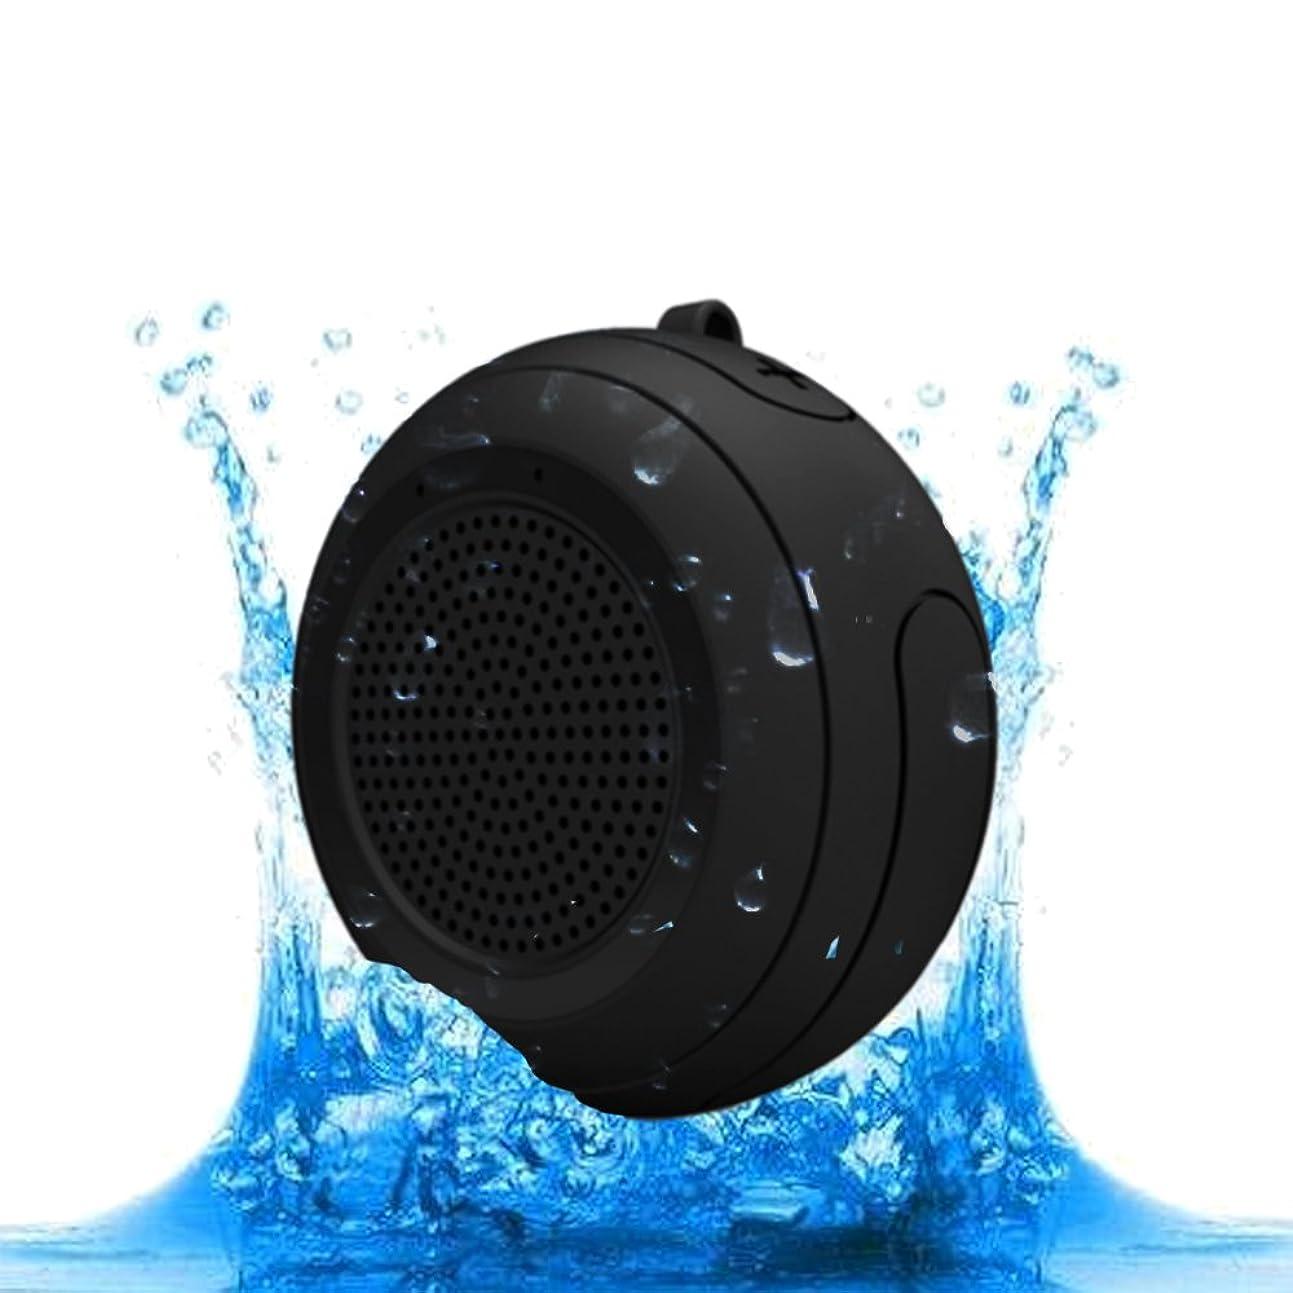 徹底的に言語集めるCyboris ipx7防水アウトドアBluetoothスピーカー水泳プールフローティングポータブルミニスピーカーワイヤレスマイク付き5?W & TWSのビーチ、バスルーム、ホーム、シャワー CYBORIS-T1